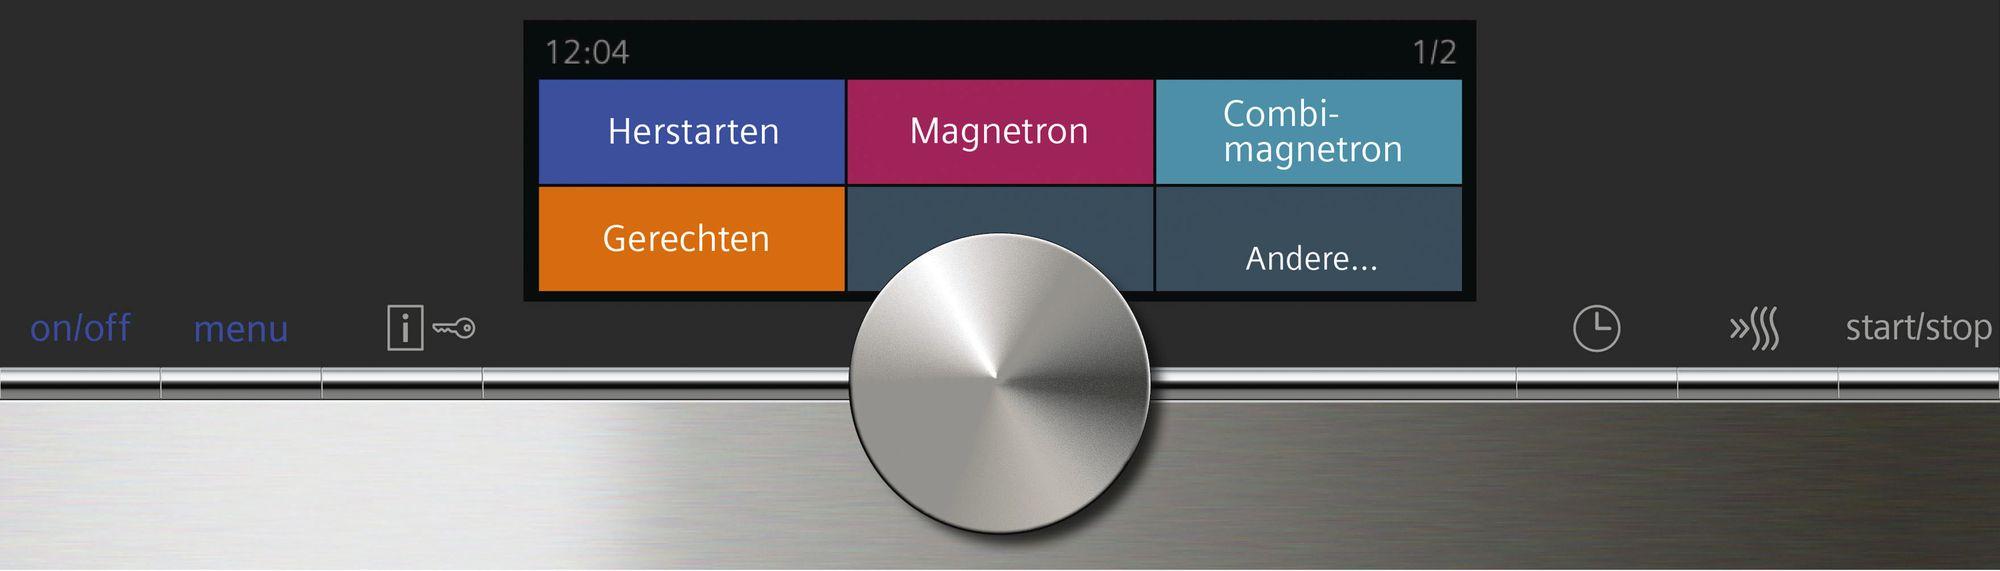 Il microonde integrato siemens bbmshop elettrodomestici da incasso e libero posizionamento - Forno con microonde integrato ...